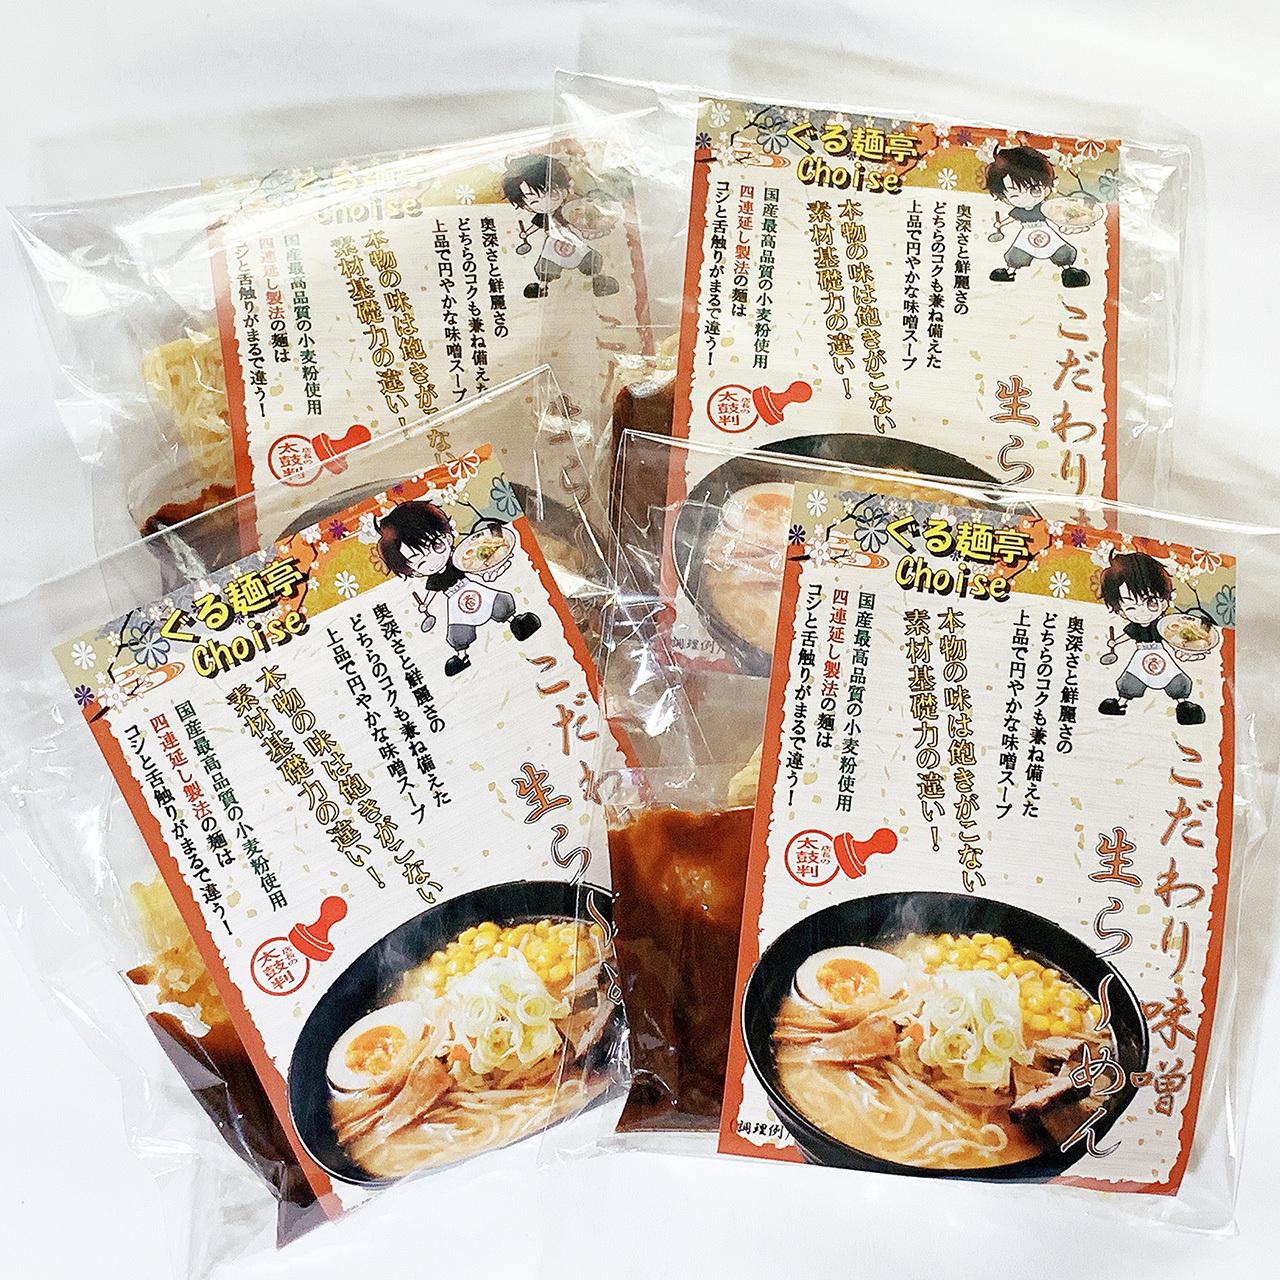 味噌ラーメン 昔ながら あっさり こだわり味噌 送料無料 4食 常温保存 生麺 110gx4 スープ付 ぐる麺亭 choice オリジナル